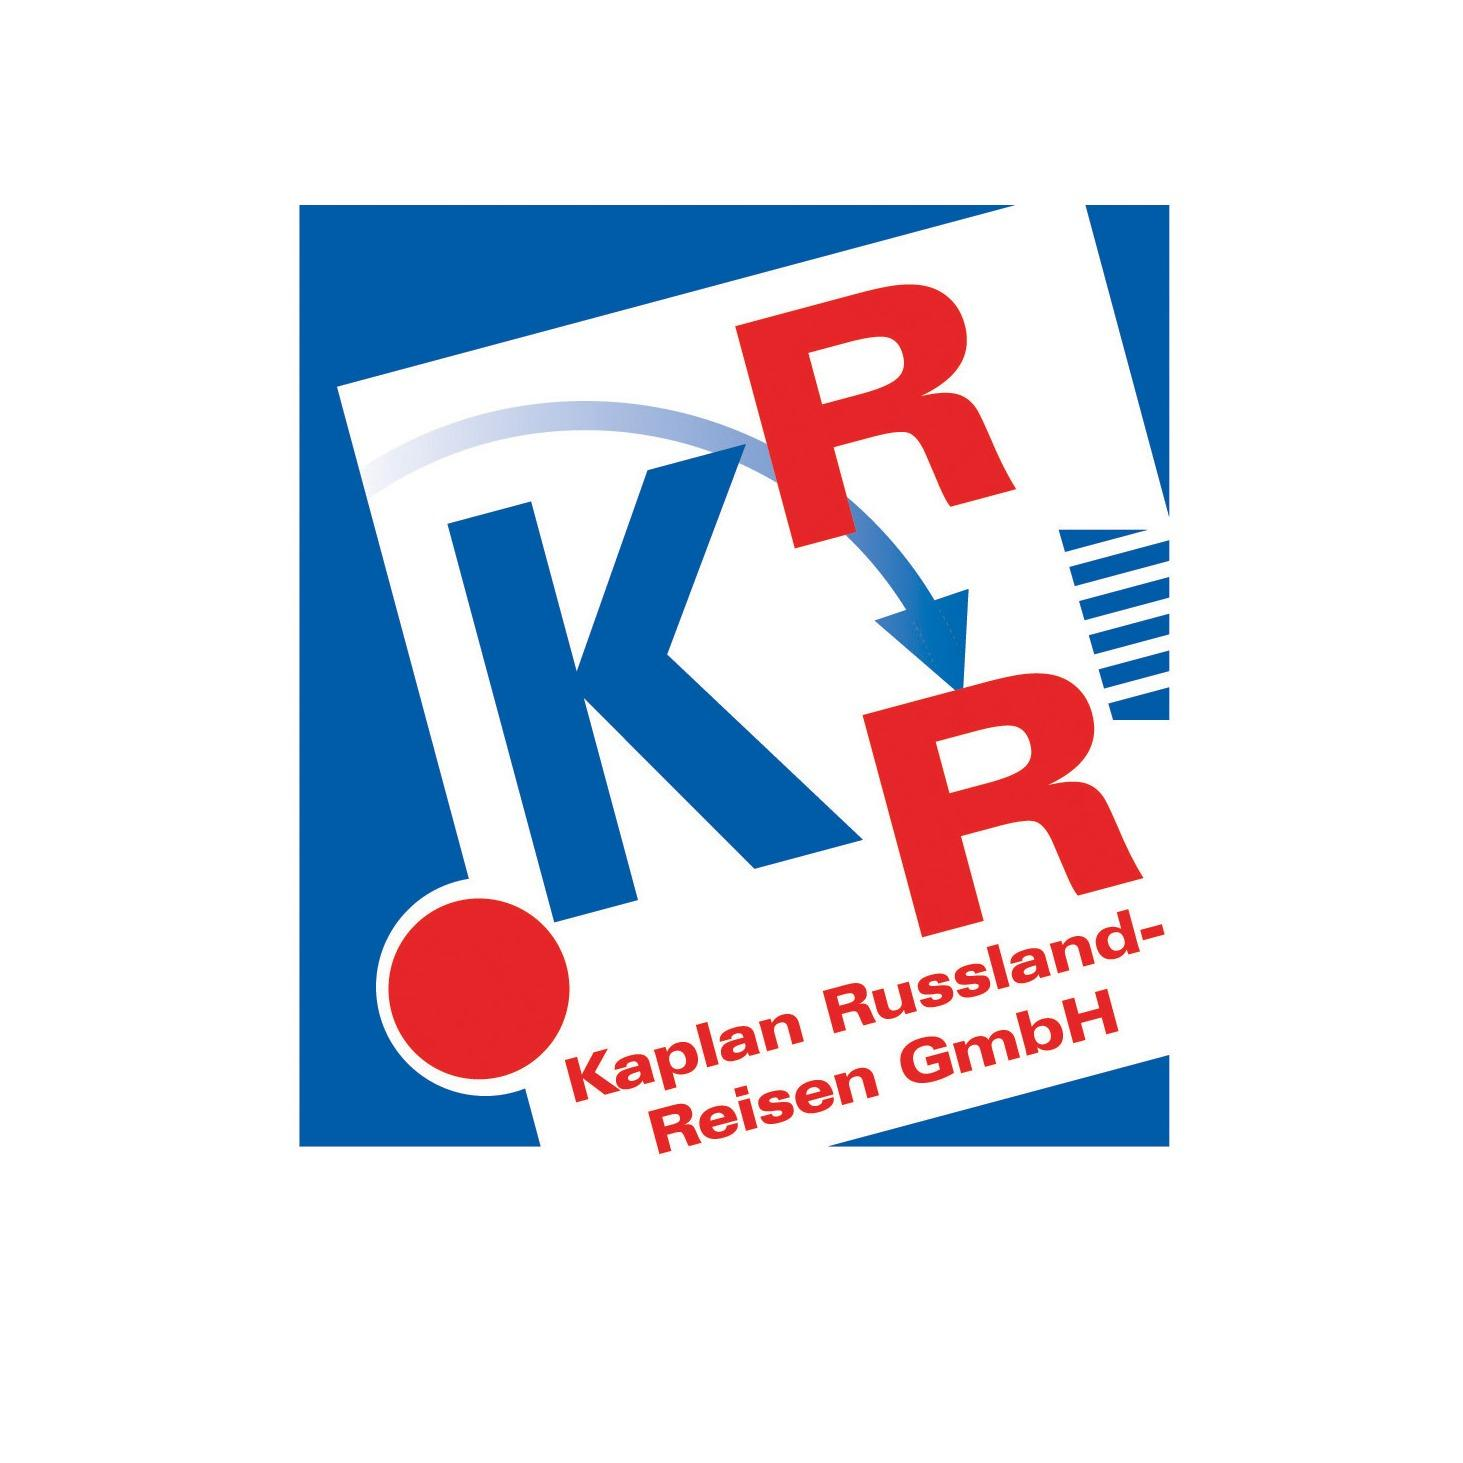 Kaplan Russland-Reisen GmbH